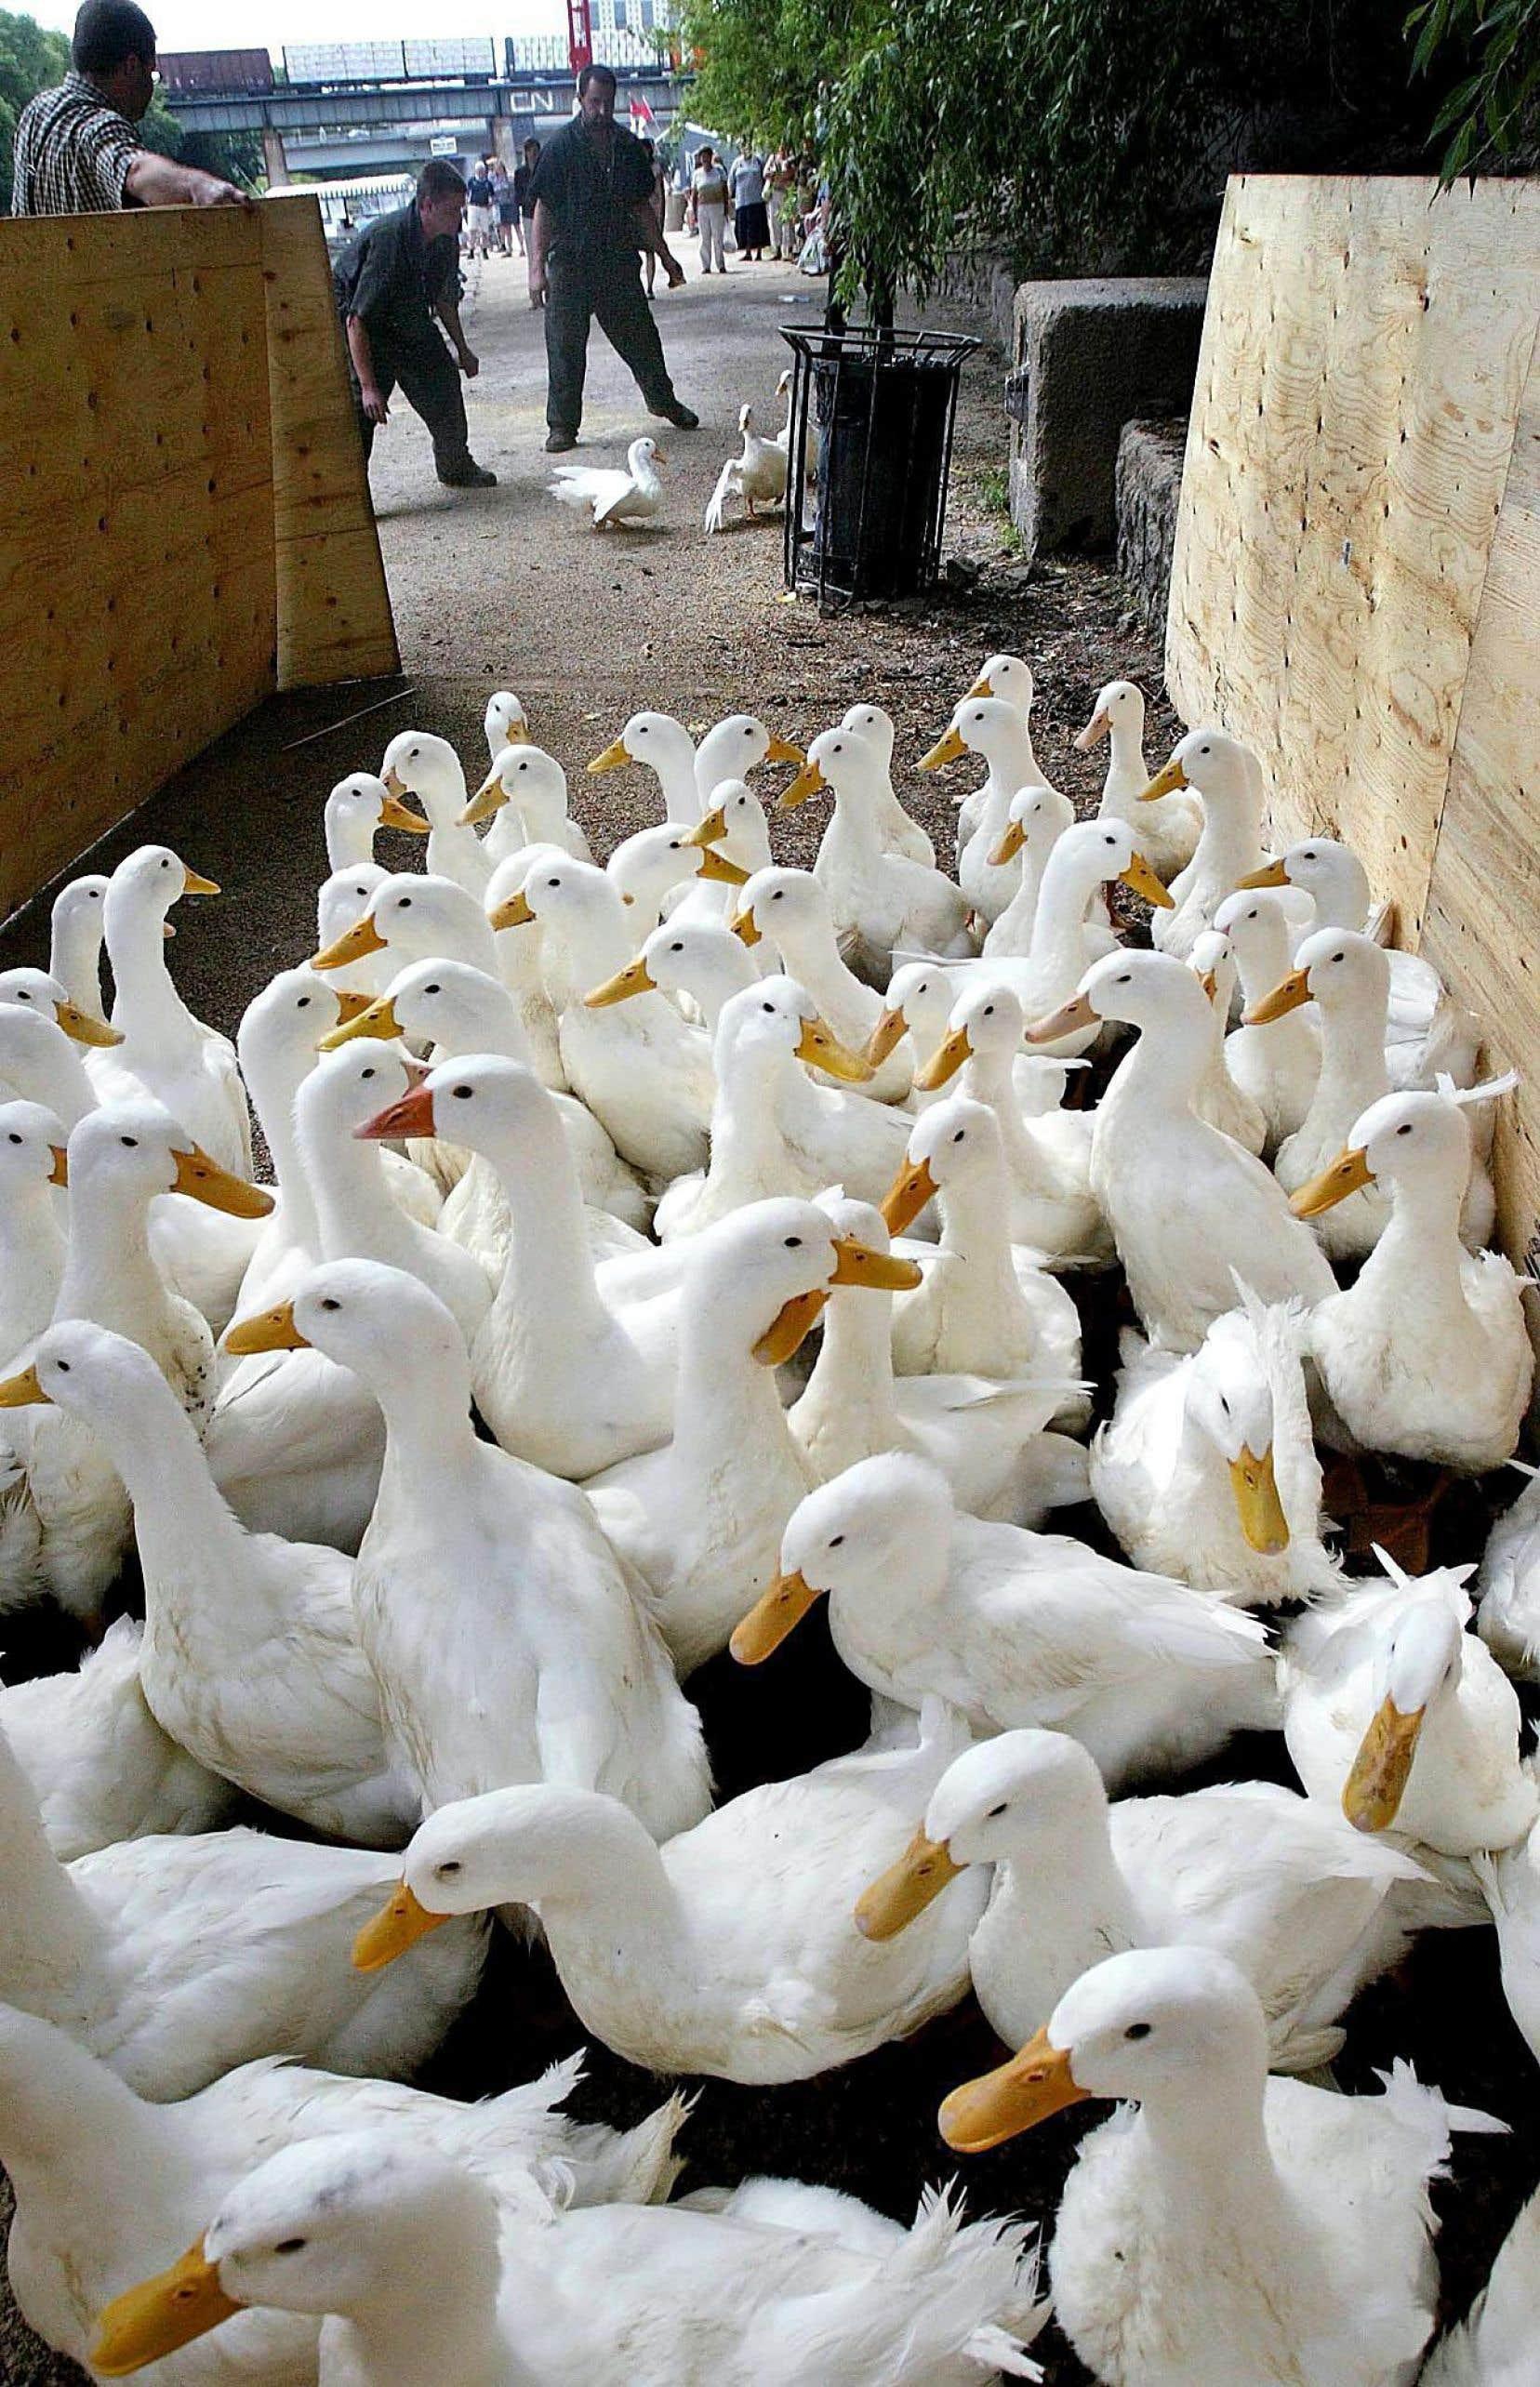 Les éleveurs de canards comptent augmenter leur production en raison de la réouverture du marché mexicain.